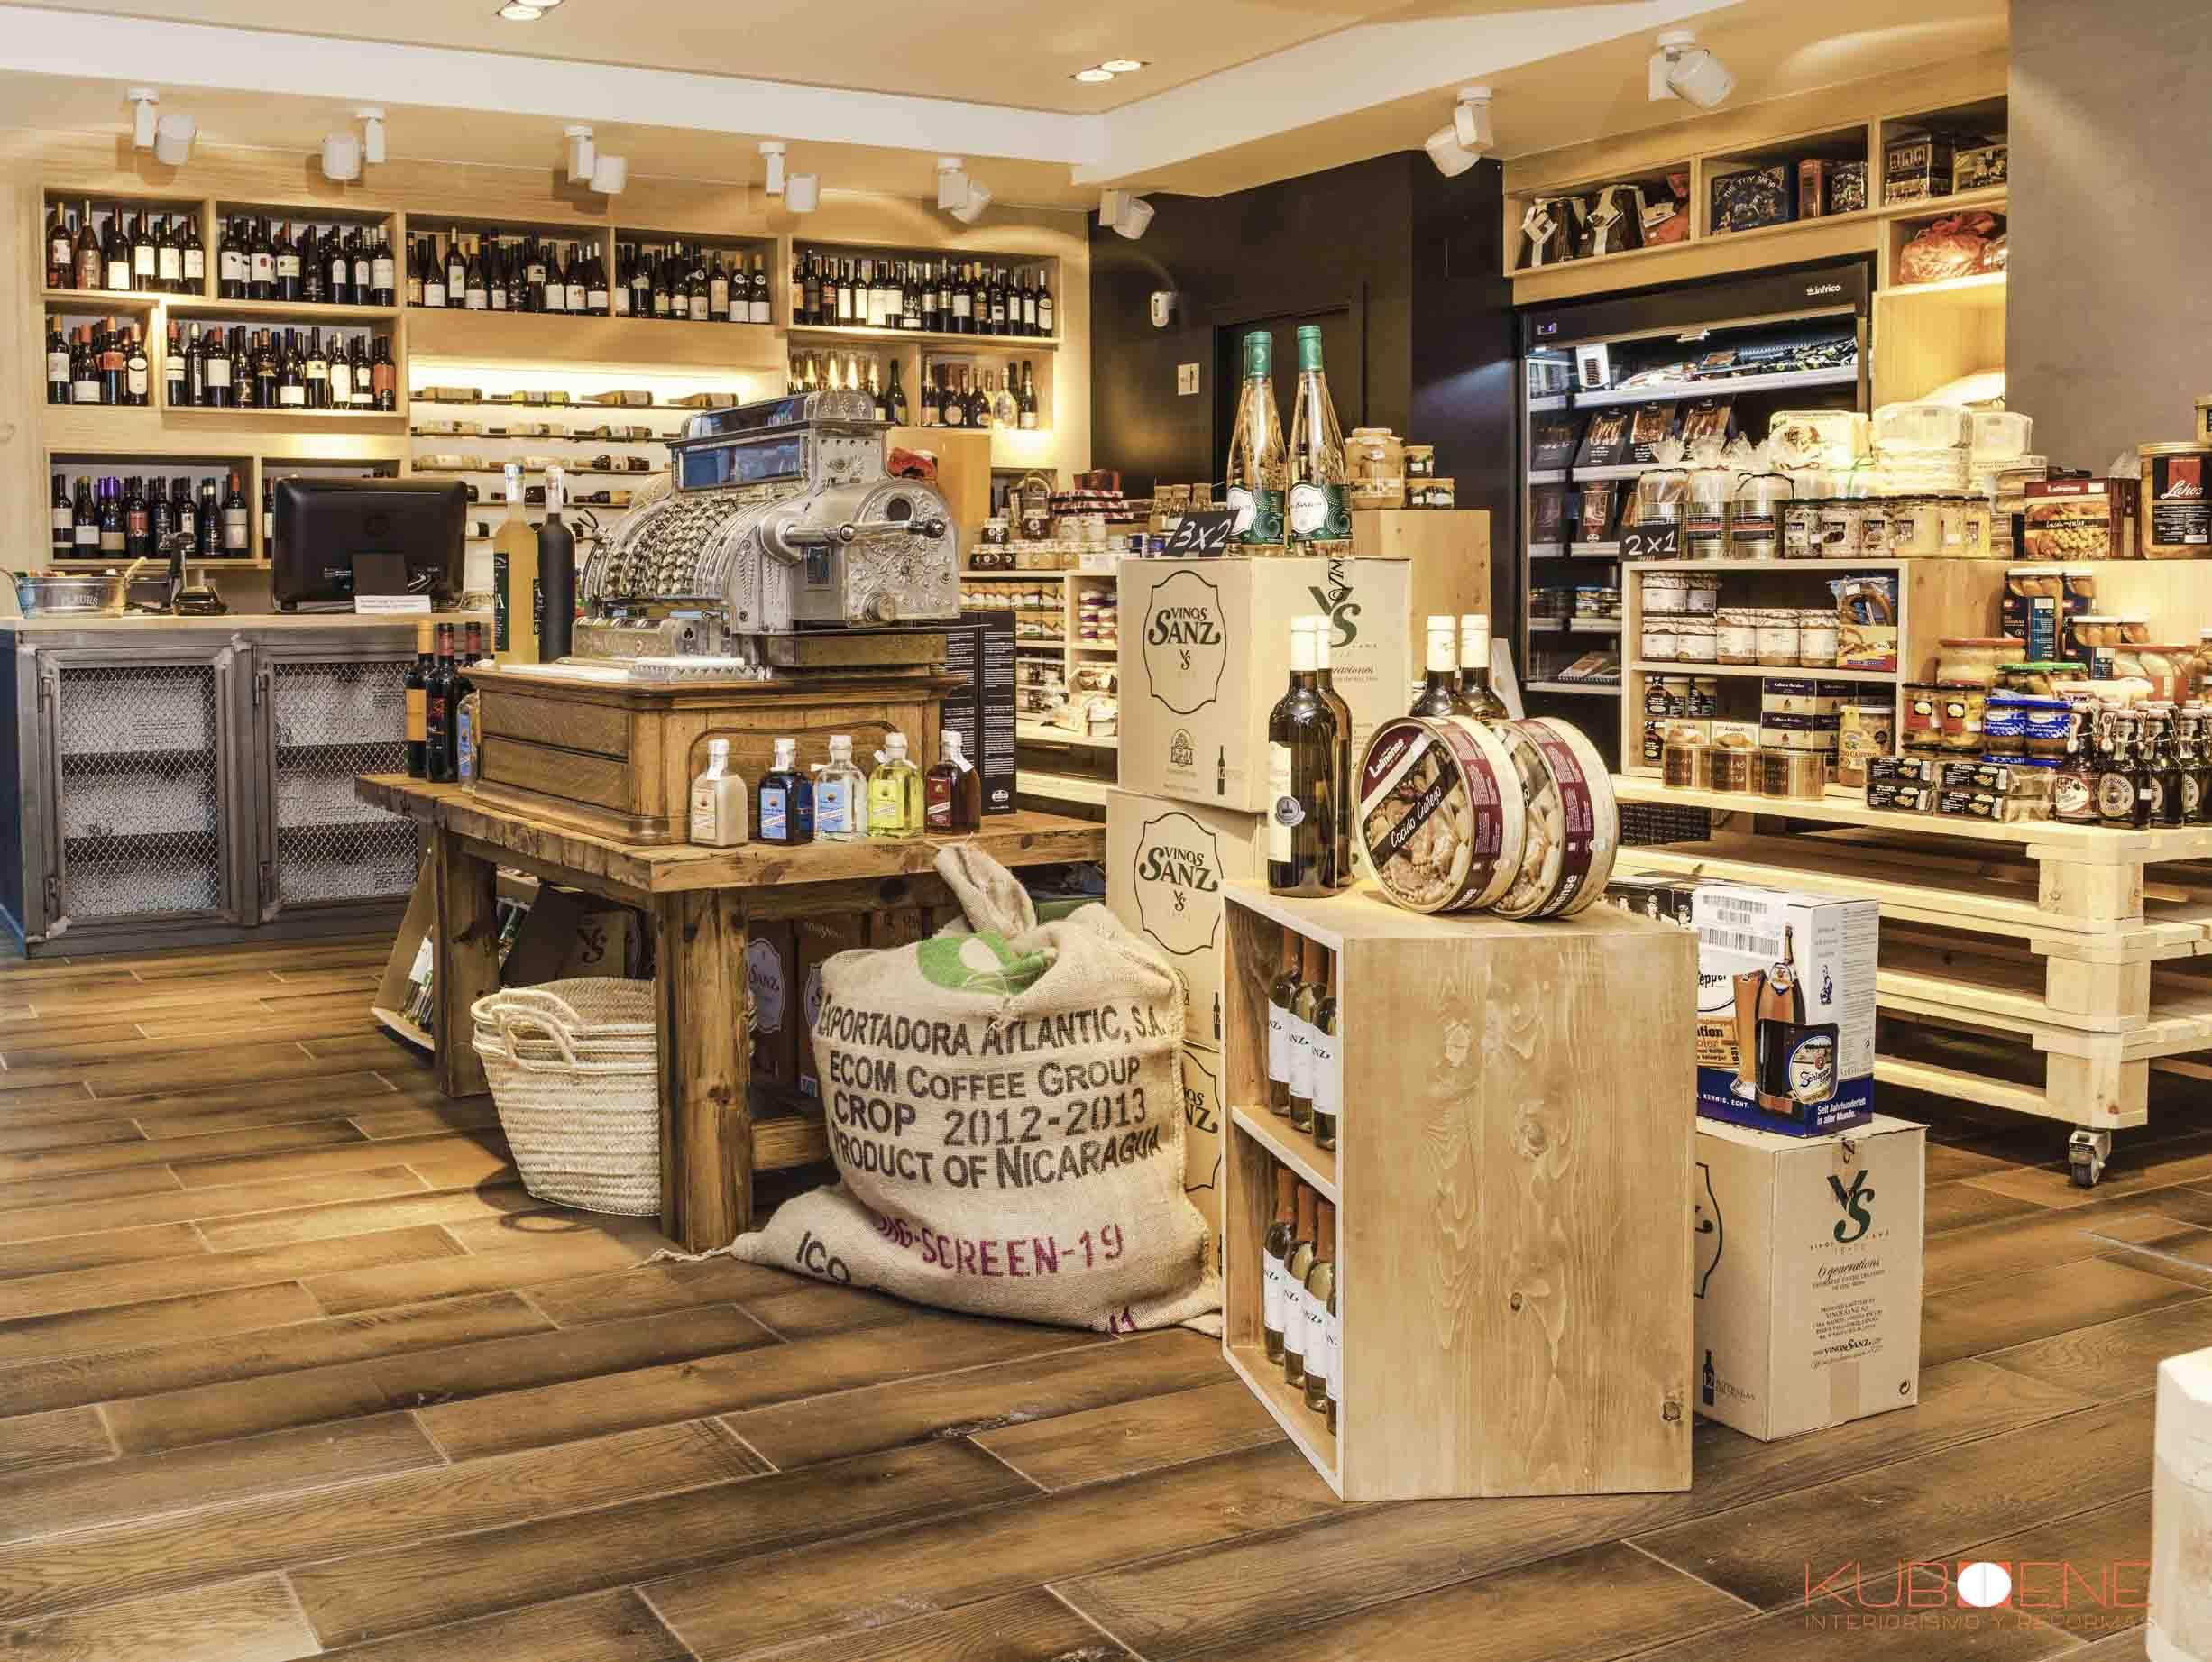 Abarrotes tienda de productos gourmet by kuboene - Diseno de producto madrid ...